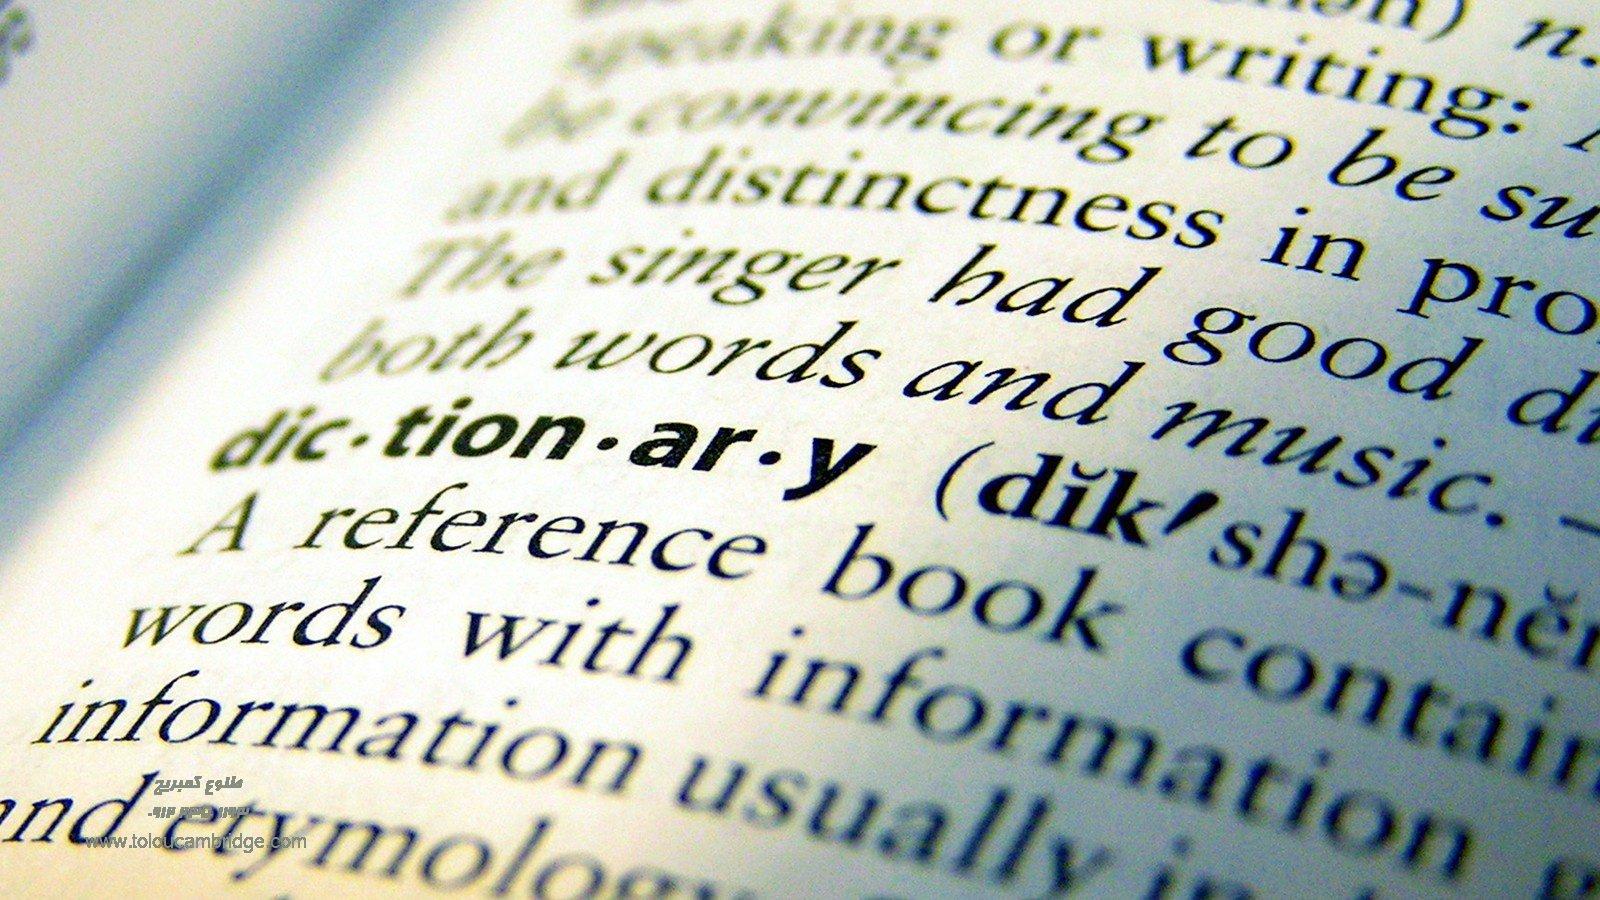 آموزش تفاوتها در زبان انگلیسی